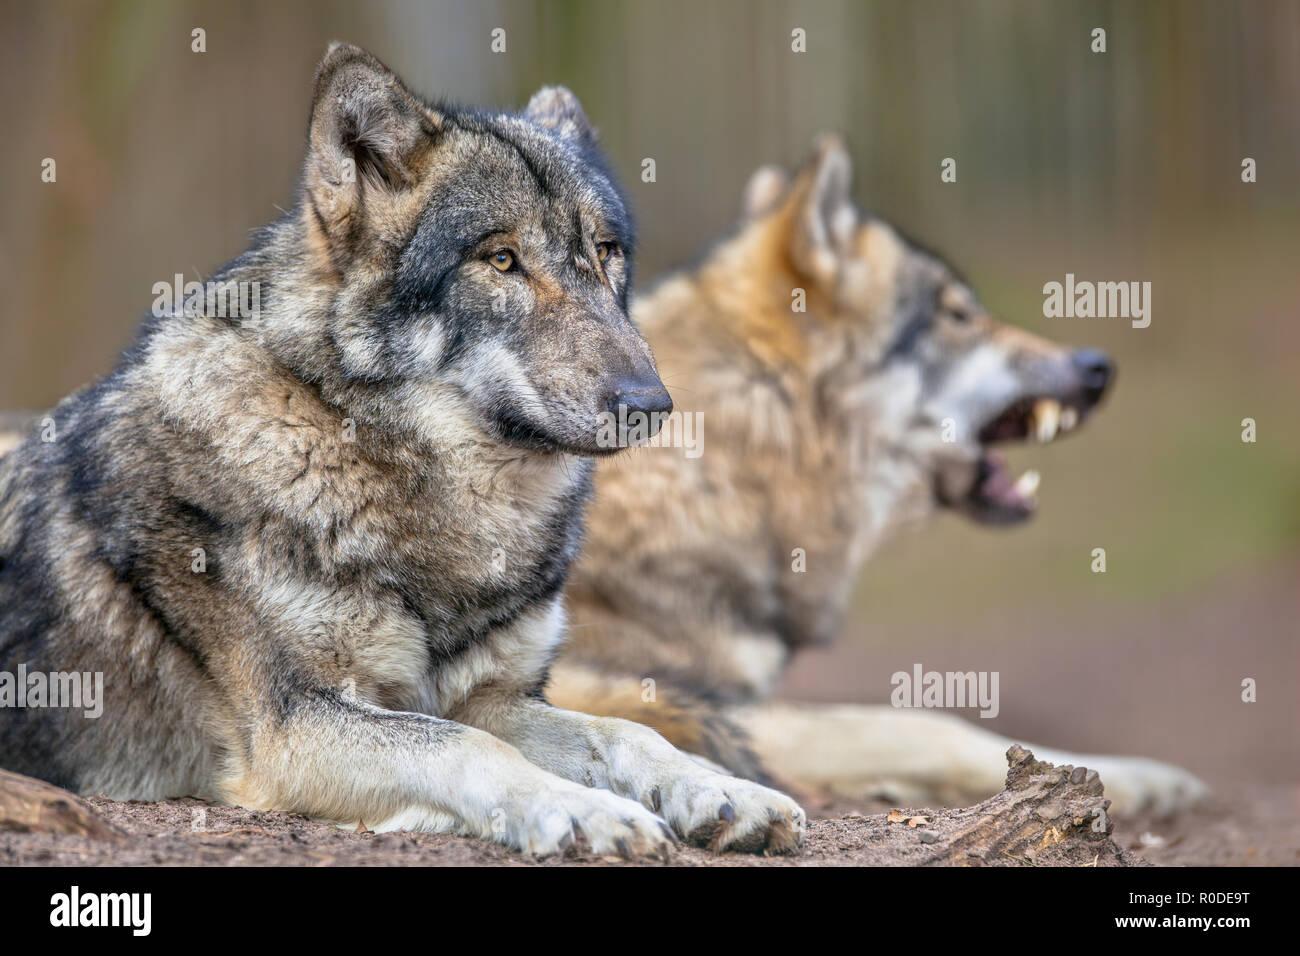 Der eurasischen Grauer Wolf (Canis lupus Lupus) ist der am meisten spezialisierten Mitglied der Gattung Canis, wie durch seine morphologischen Anpassungen zu jagen gezeigt Stockbild